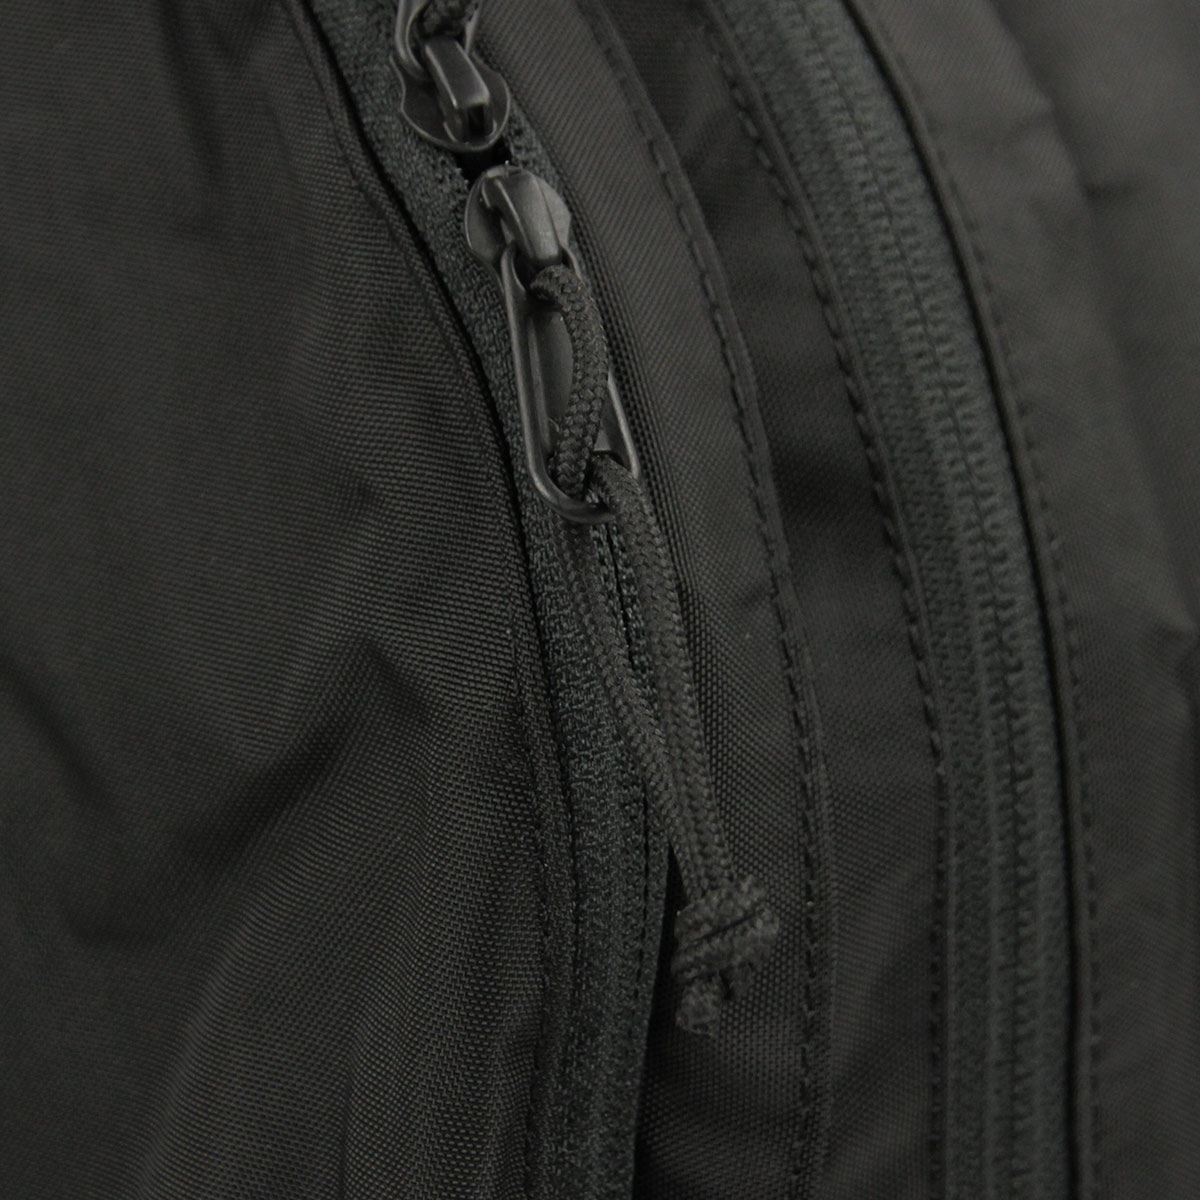 ザ ブラウン バッファロー バックパック メンズ レディース 正規販売店 THE BROWN BUFFALO リュックサック バッグ STANDARD ISSUE BACKPACK BLACK F18DP420DBLK1 AA7B B3C C8D D3E E13F